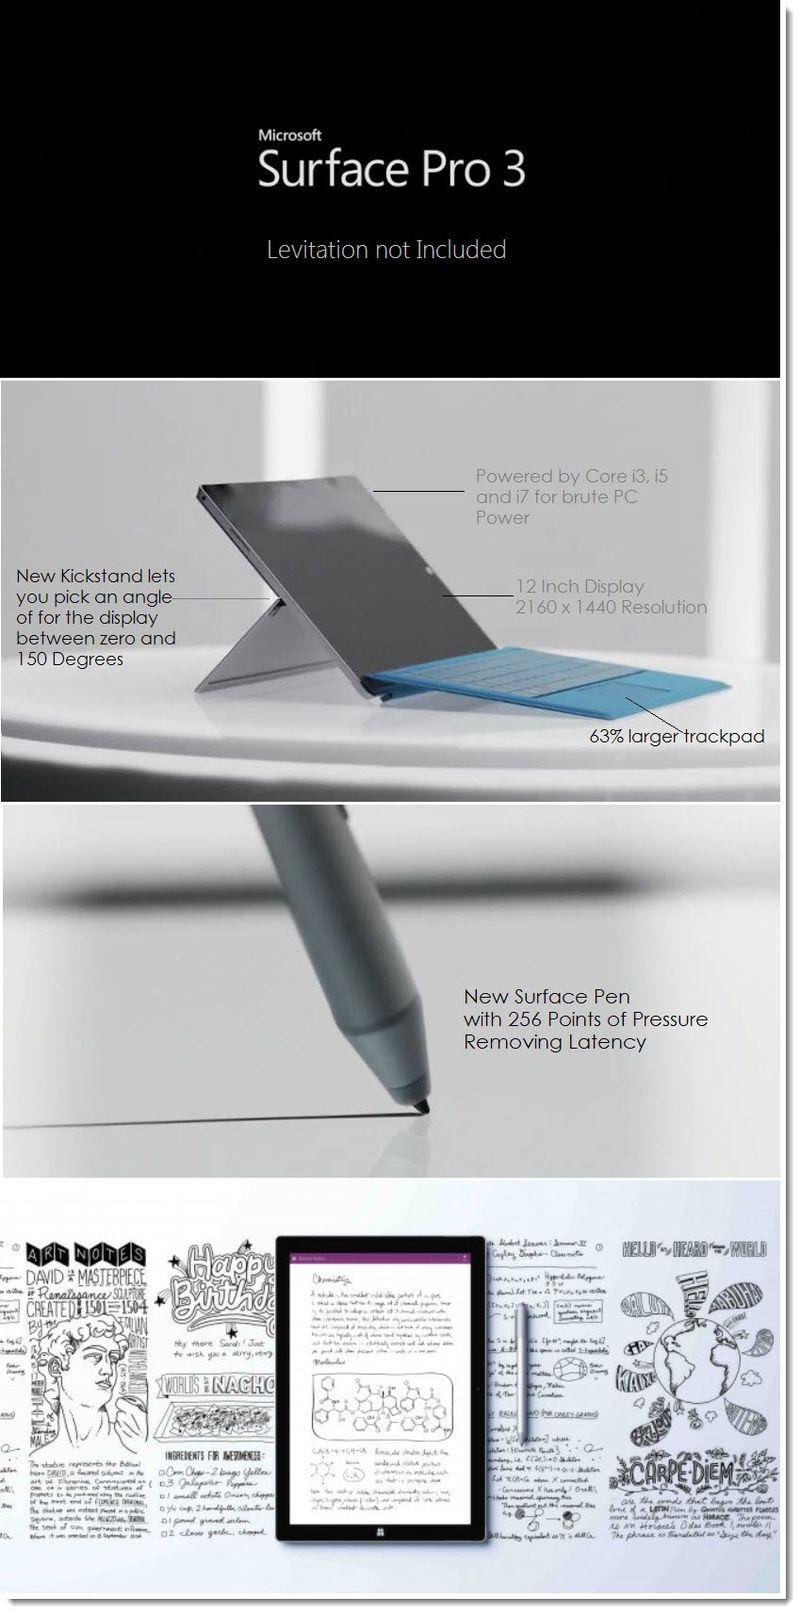 2AF collage of Surface 3 images